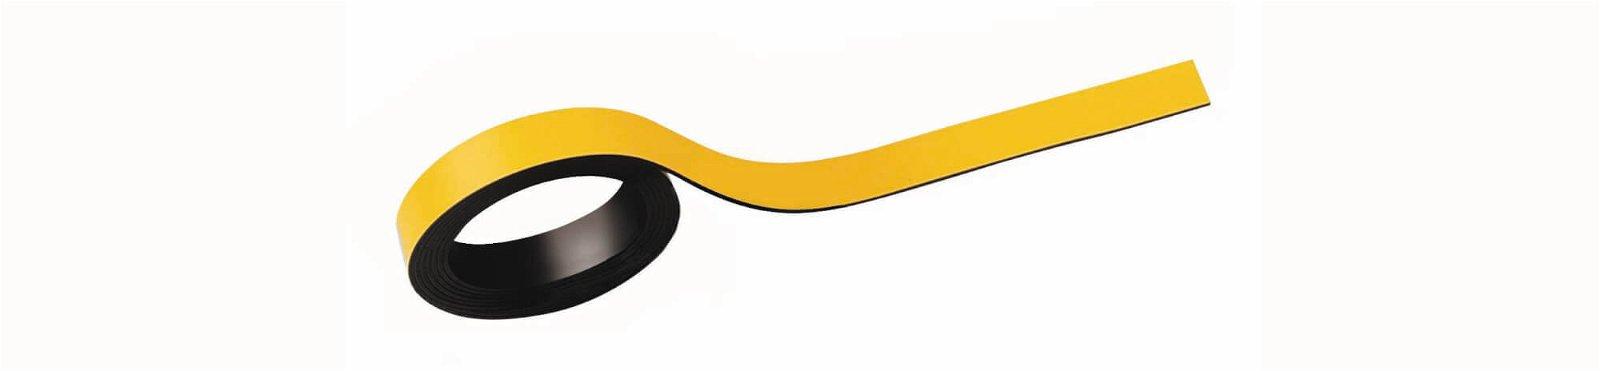 Magnetstreifen, 1x100 cm, 2 St./Set, gelb